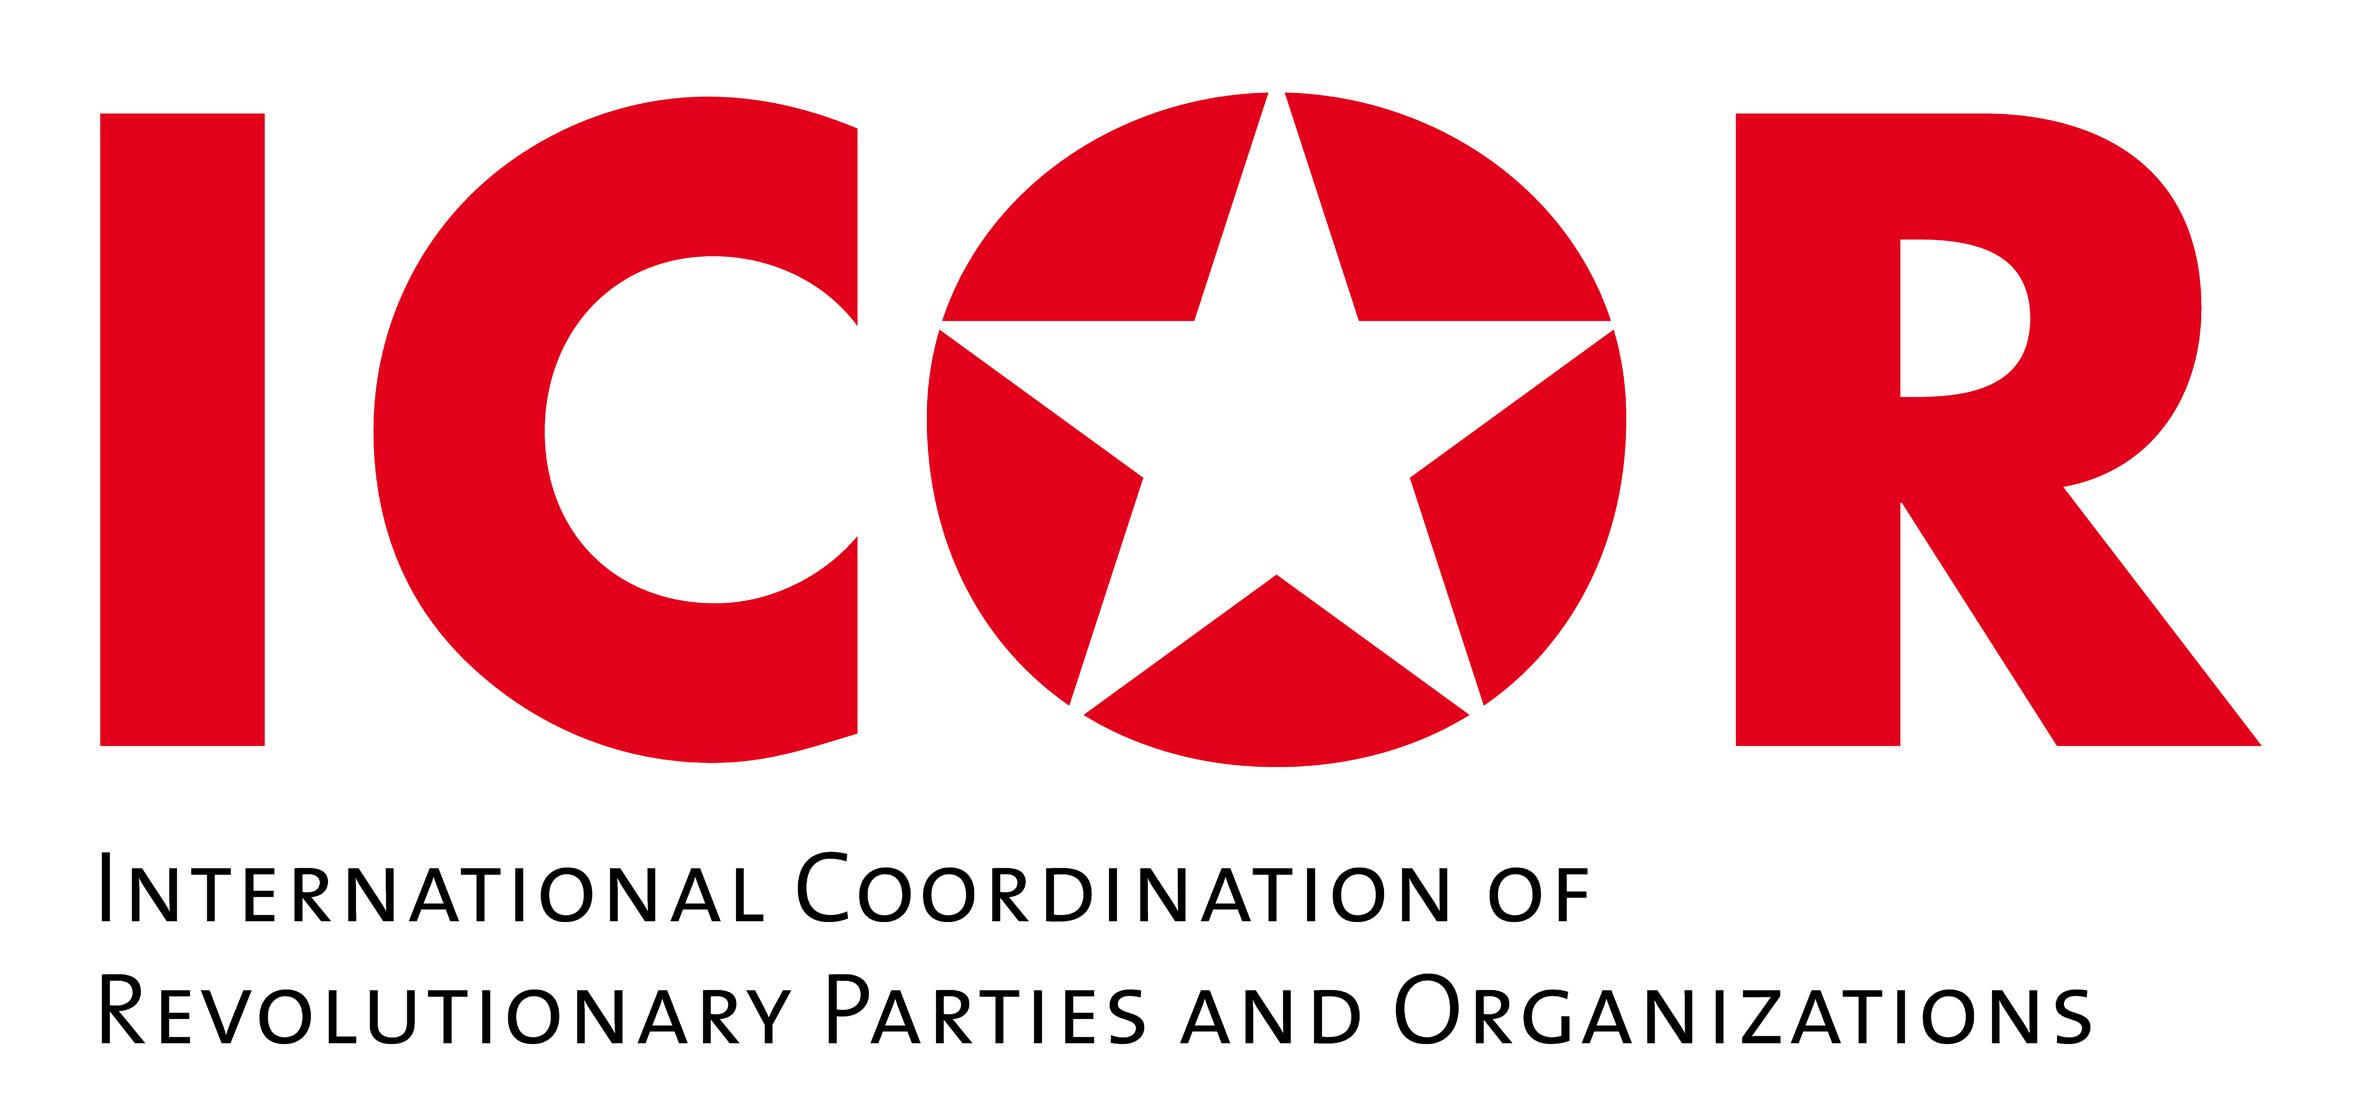 Convocatoria de la ICOR para el 6 de diciembre de 2014, Día de Lucha Internacional por salvar el medio ambiente natural